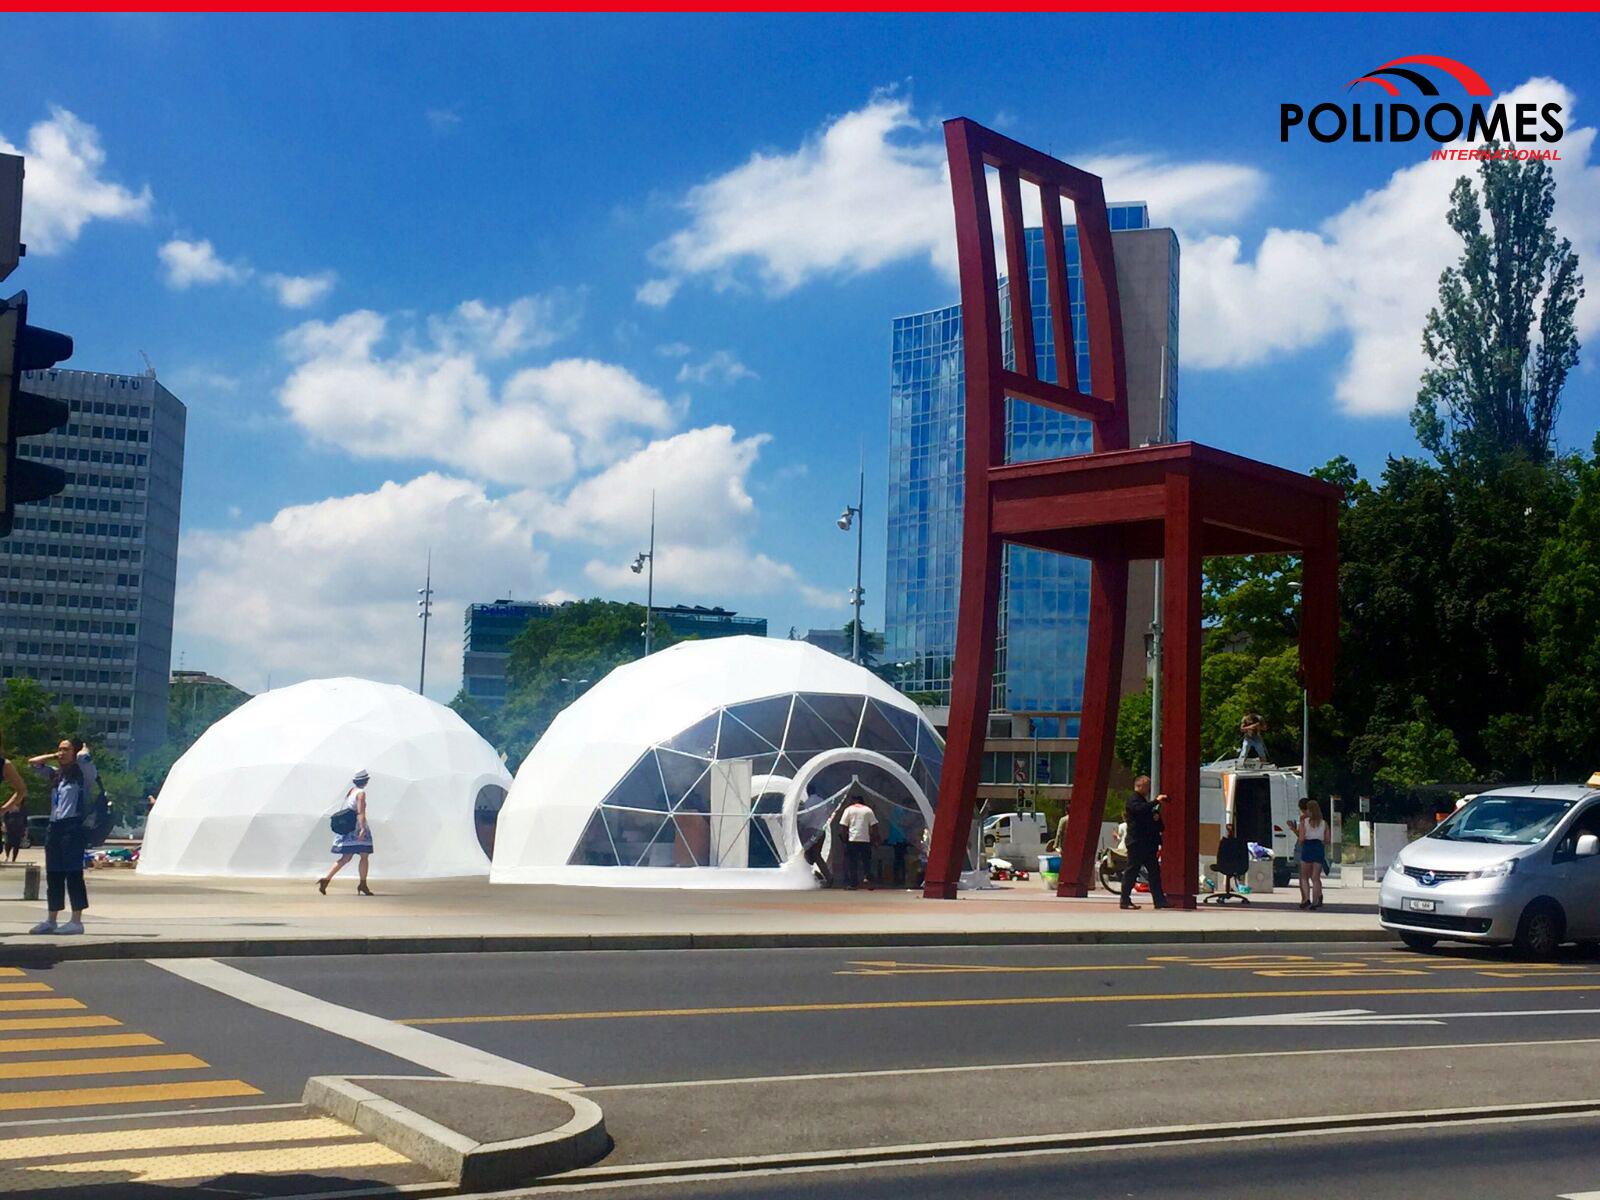 UN_polidomes_domes1